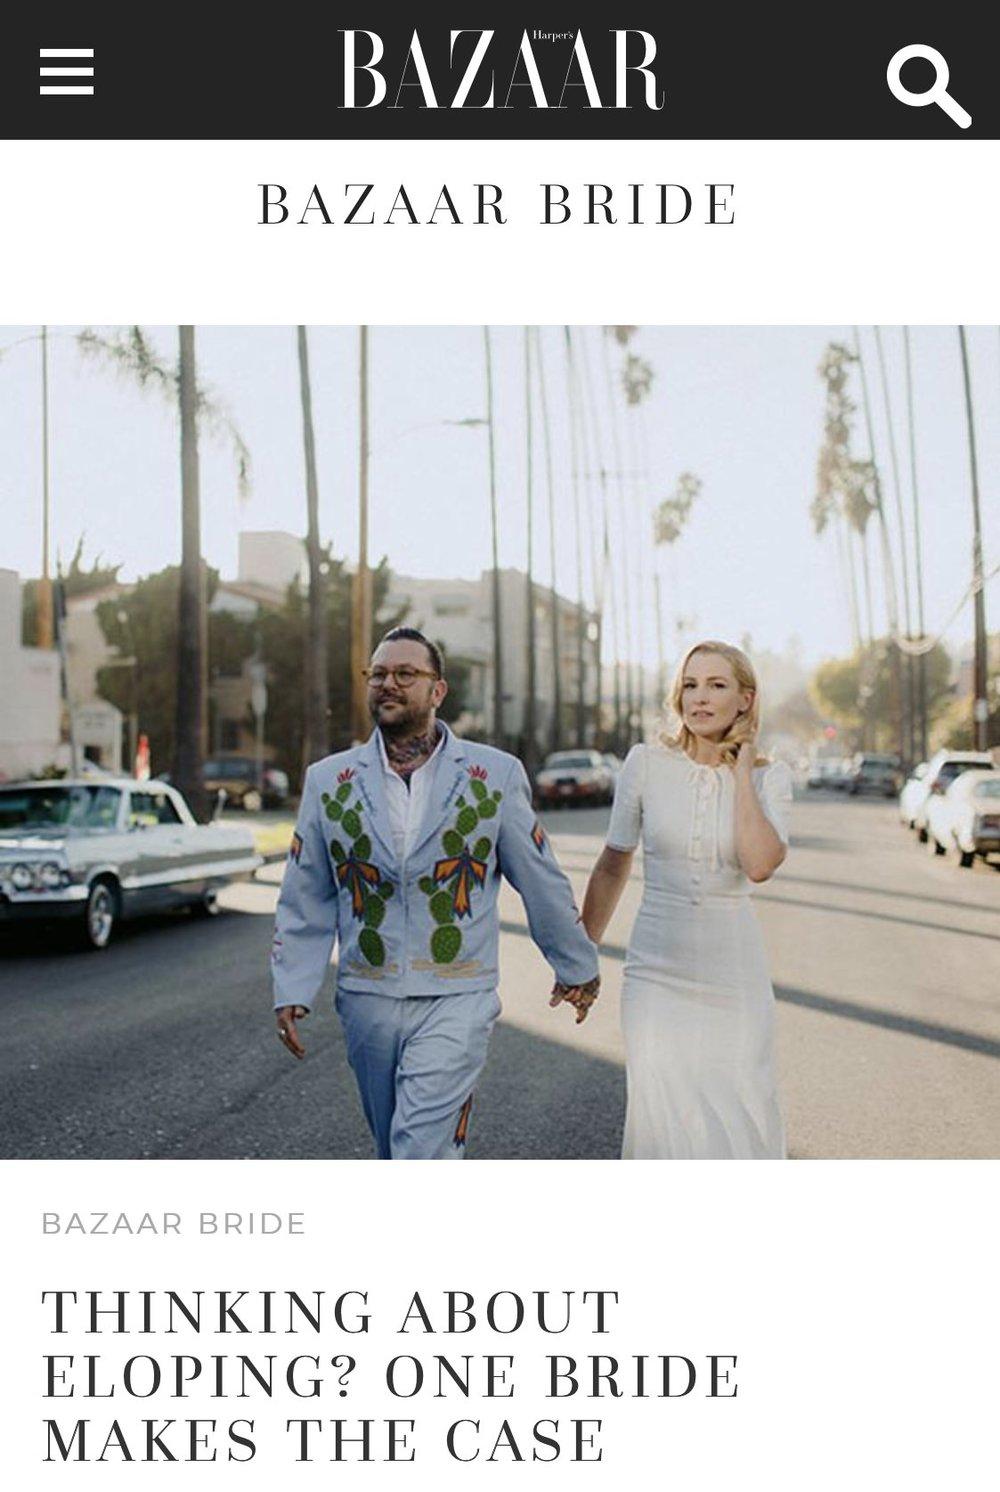 Harpers_Bazaar_Elopement.jpg